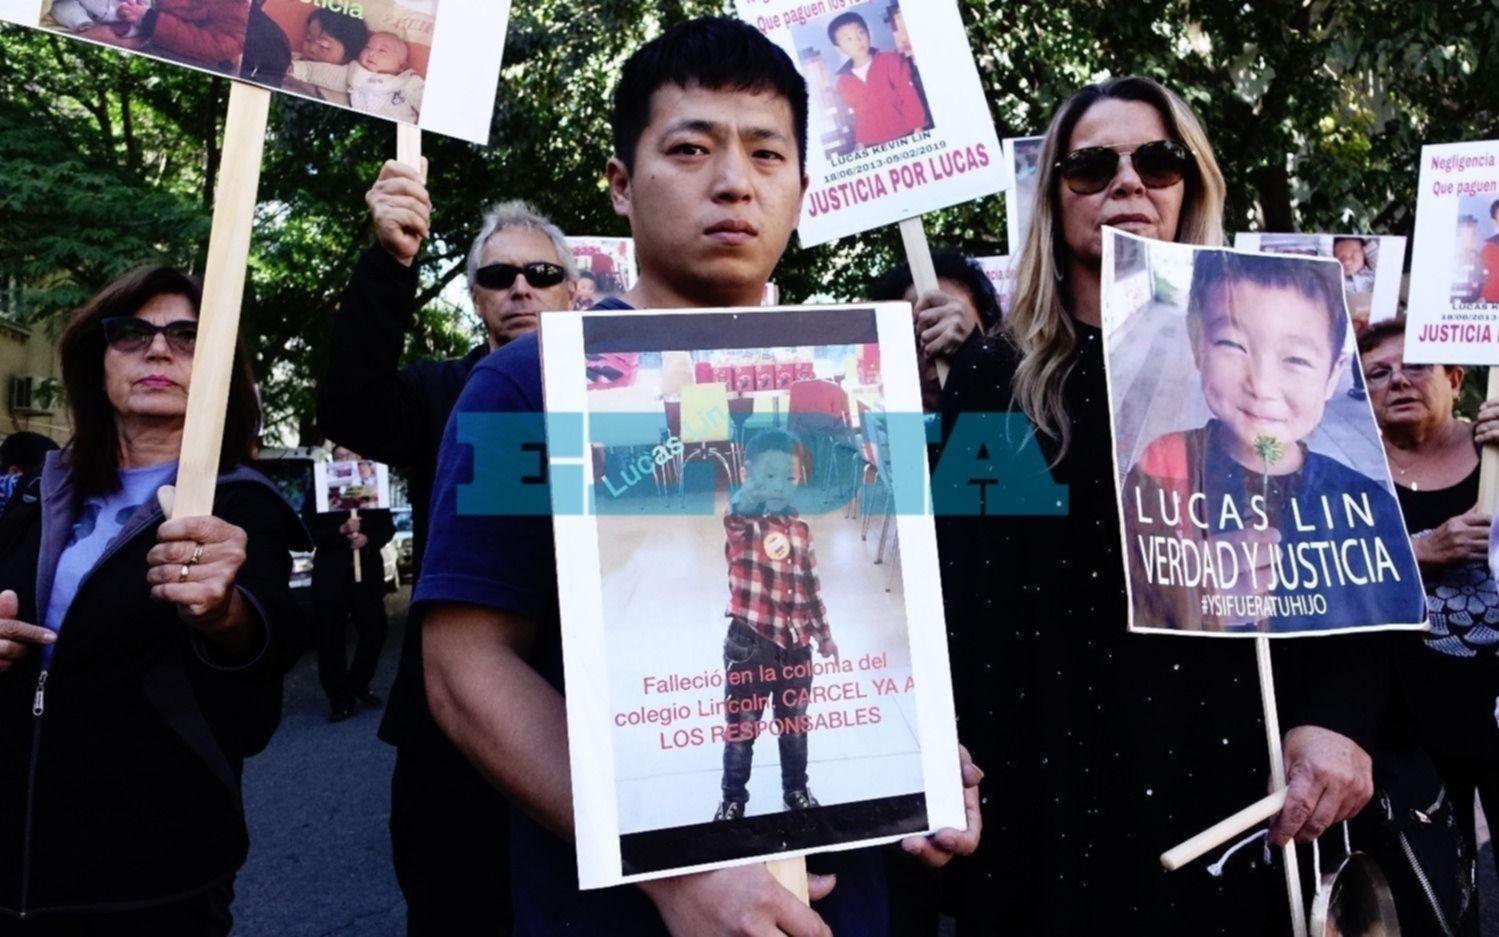 Lucas Lin: pidieron la clausura del predio y se negó a declarar una de las imputadas